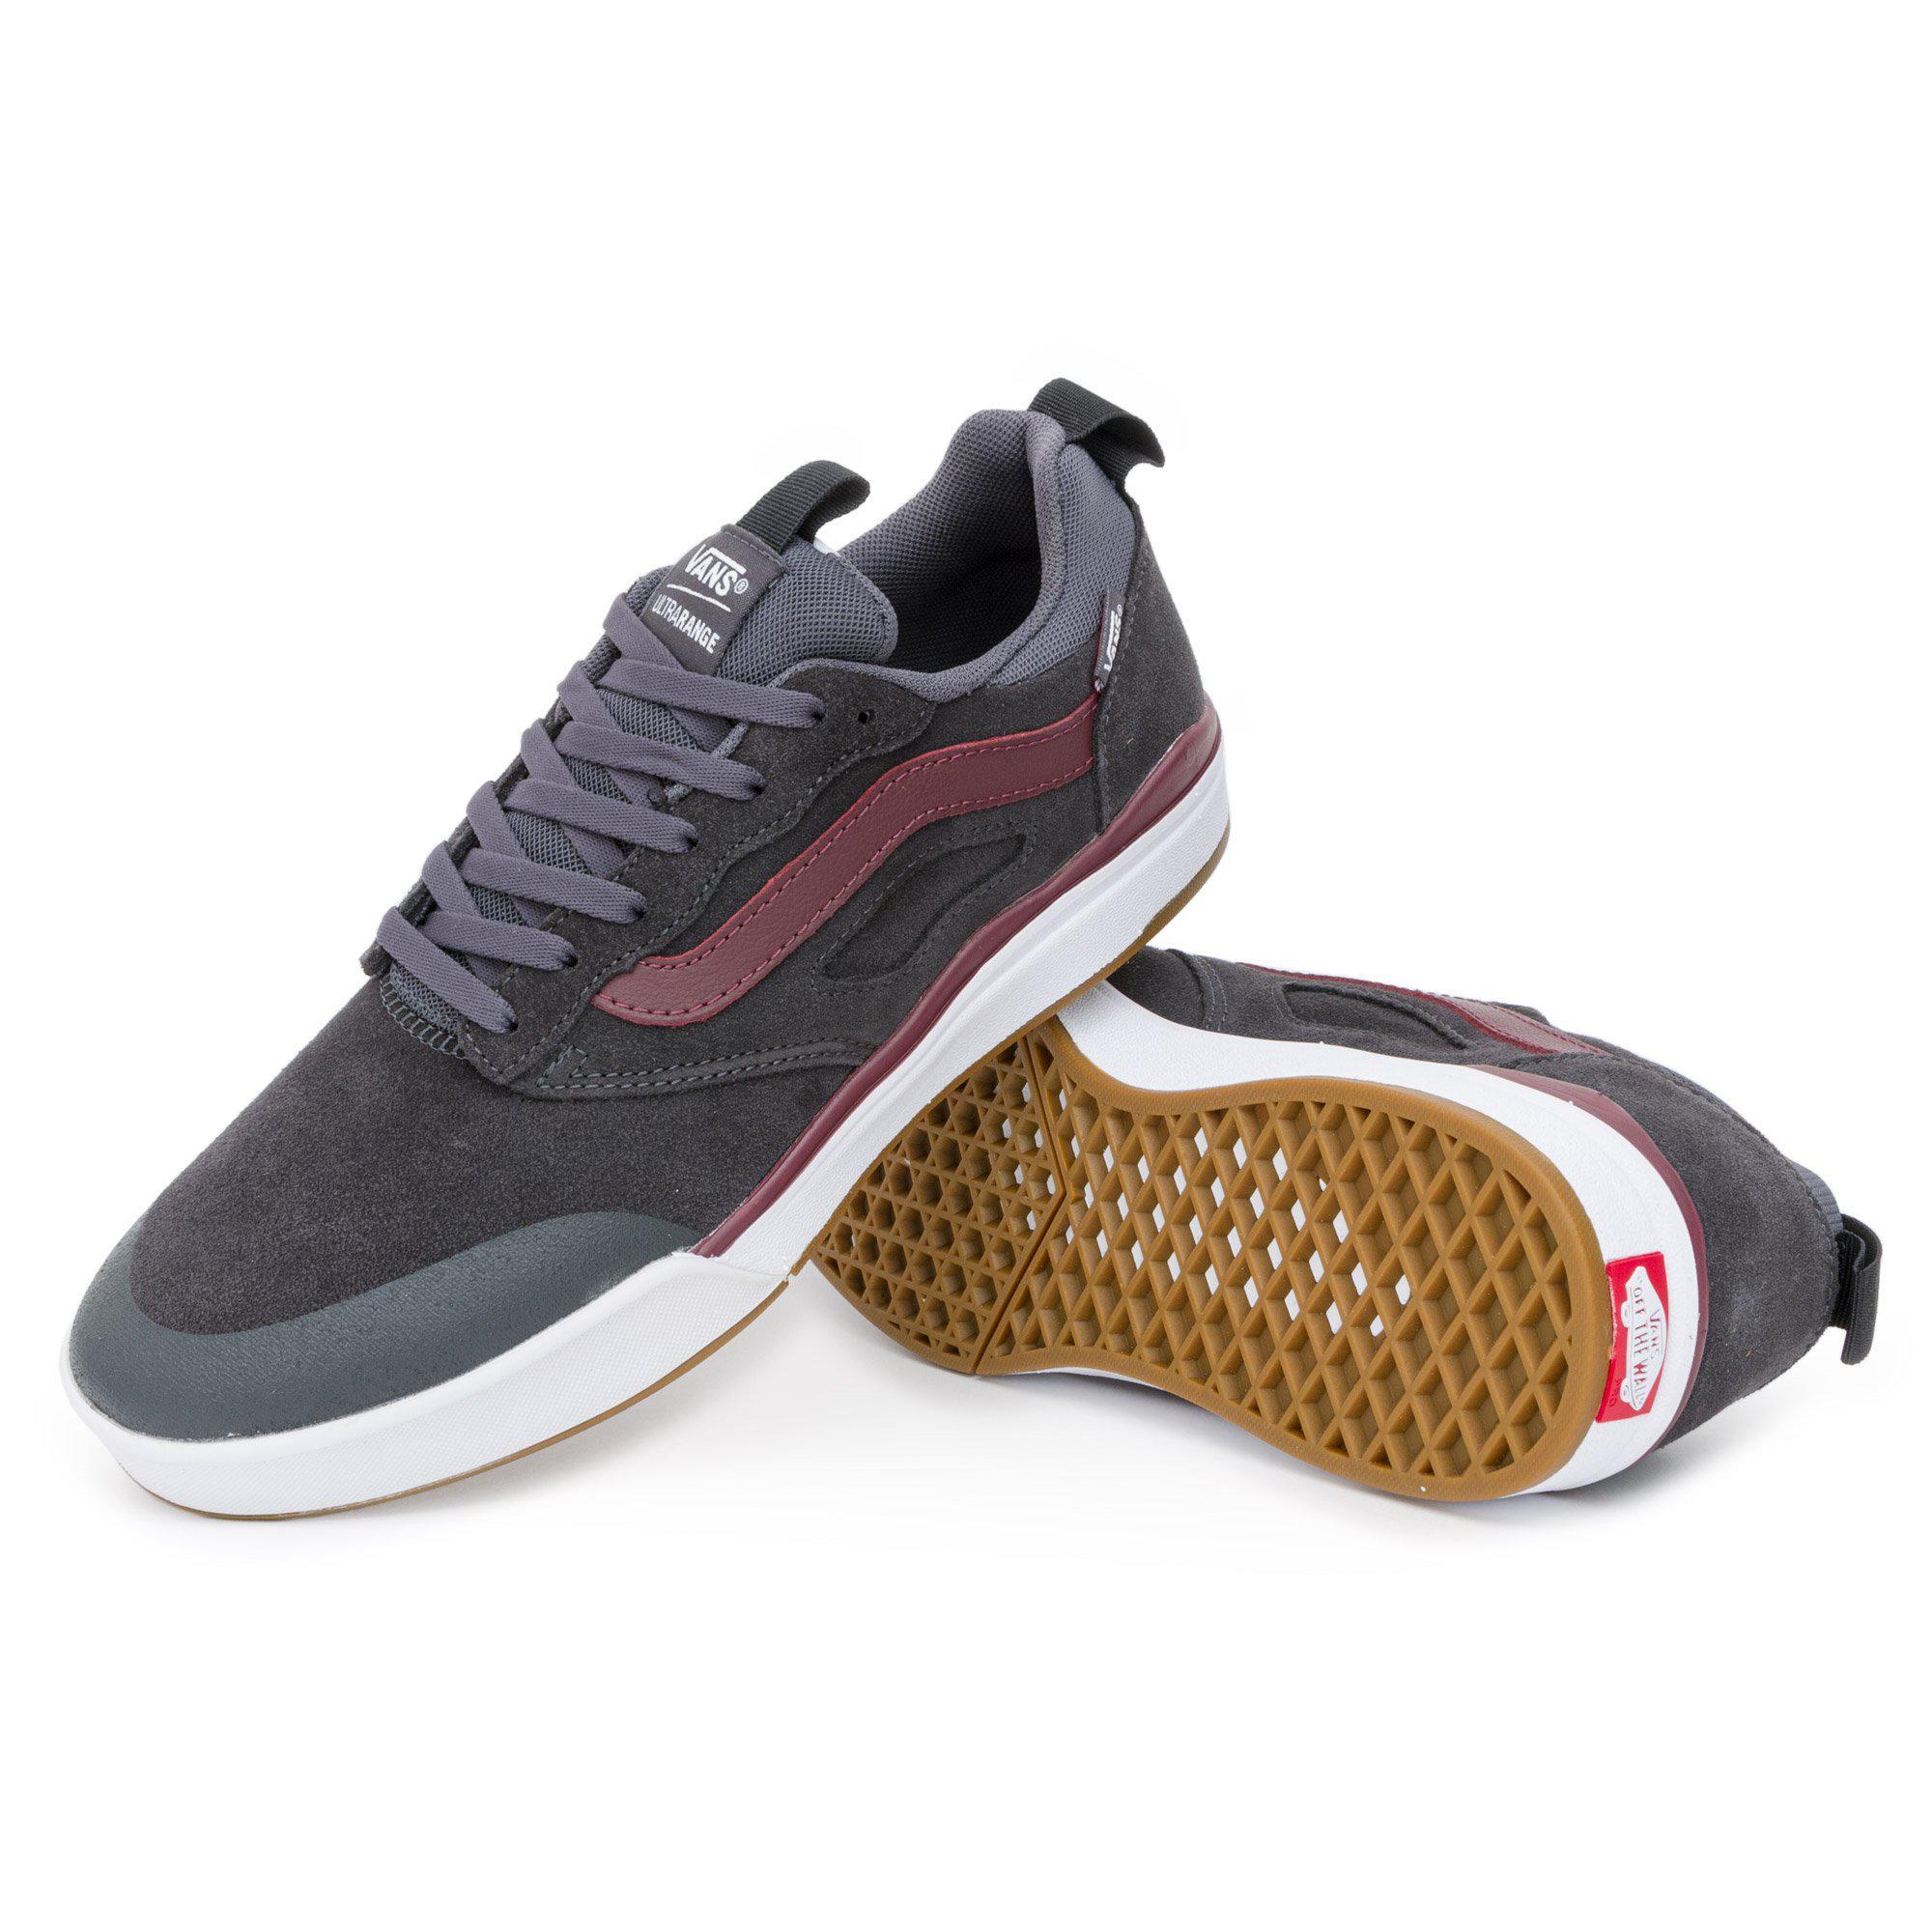 Vans Suede Ultrarange Mesh Pro Shoes in Grey (Gray) for Men - Lyst